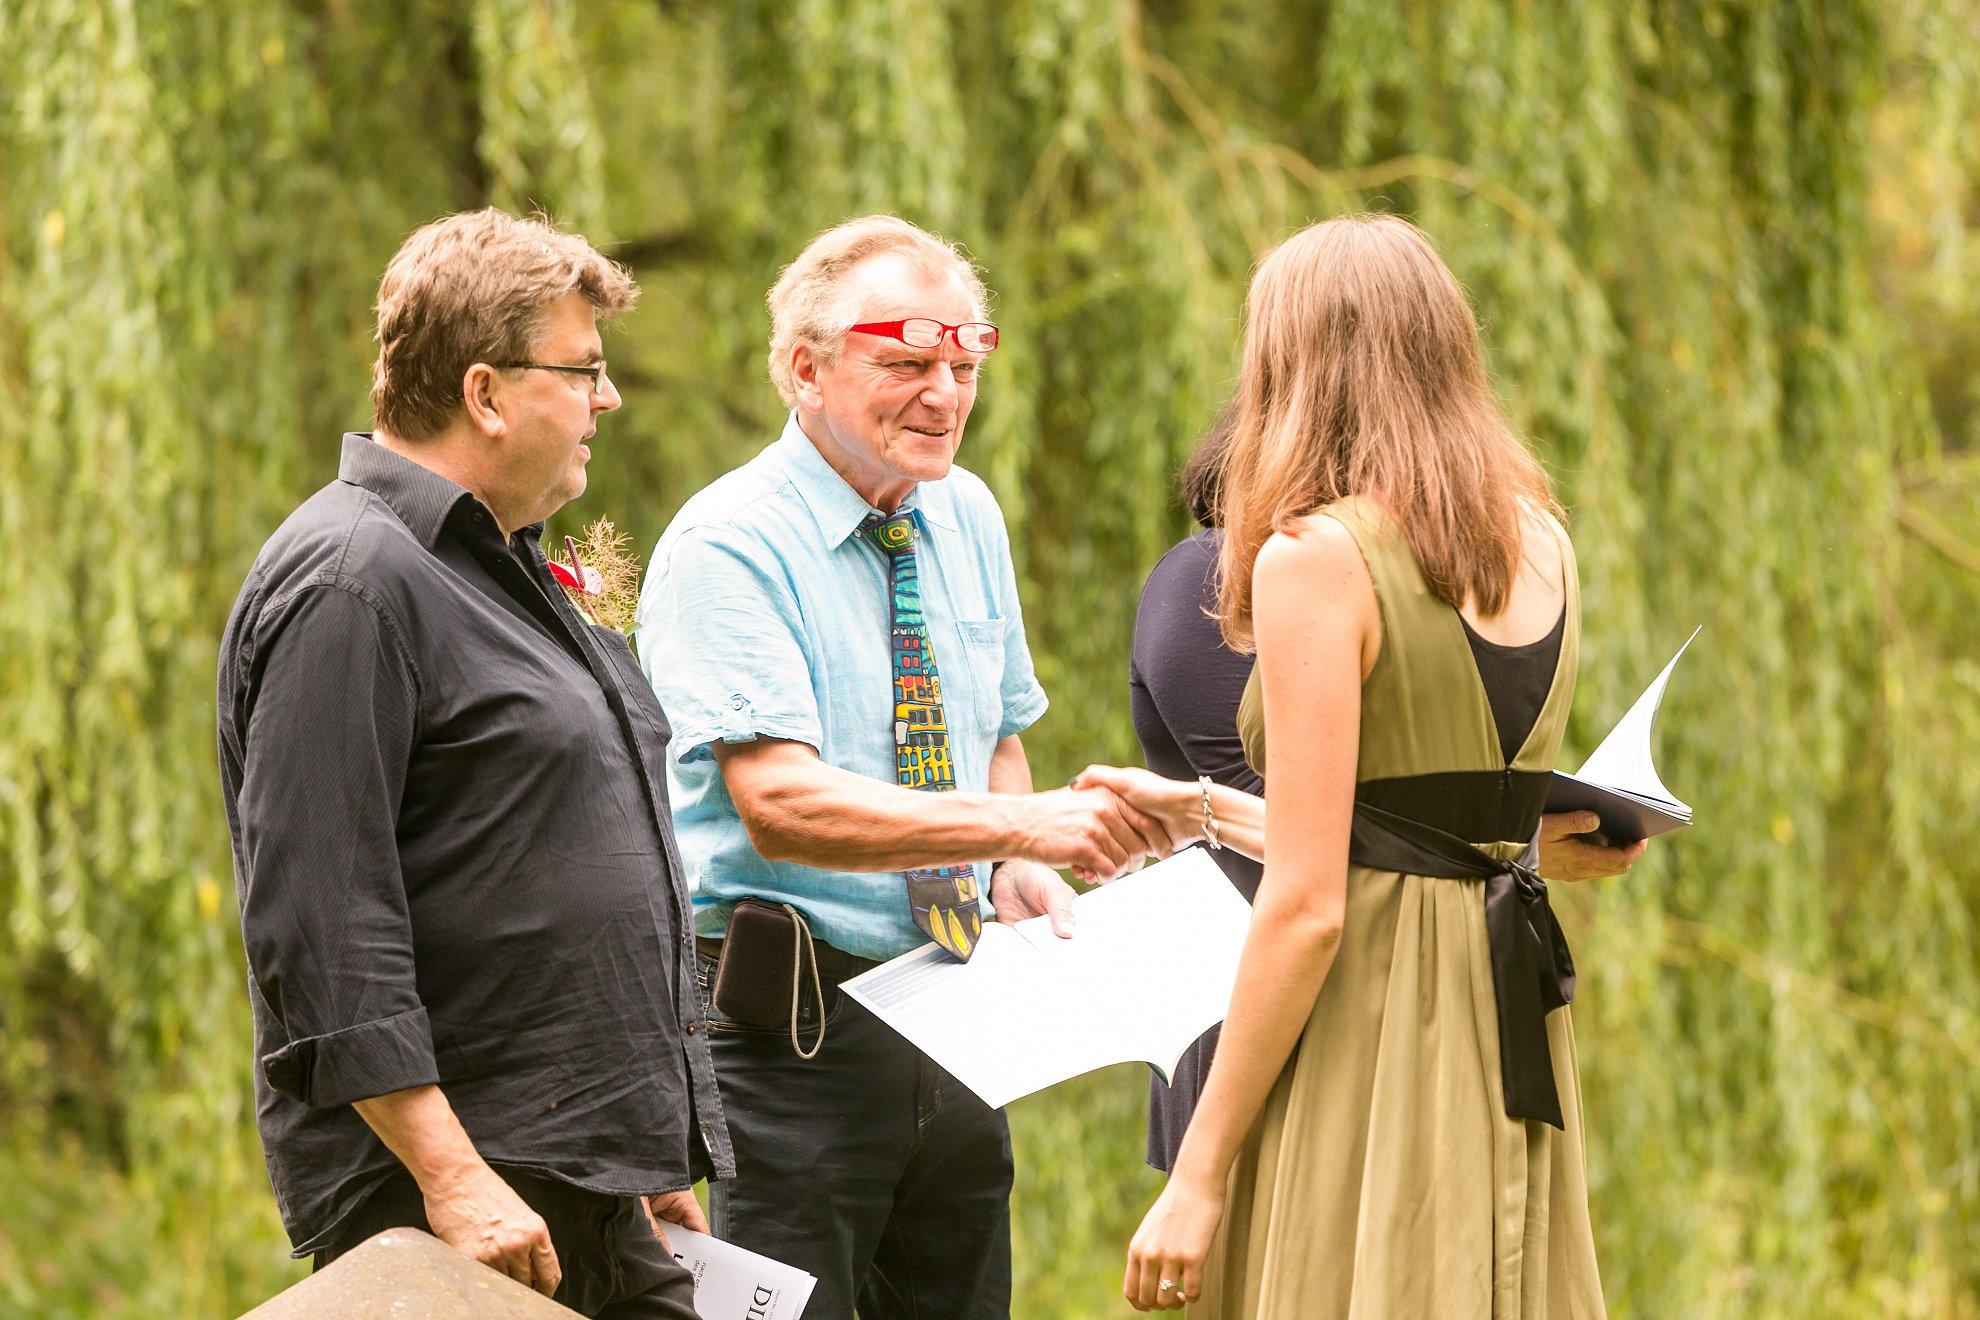 Floristik Seminar Lehrgang Meister Ausbildung Gruenberger Bildungszentrum Floristik